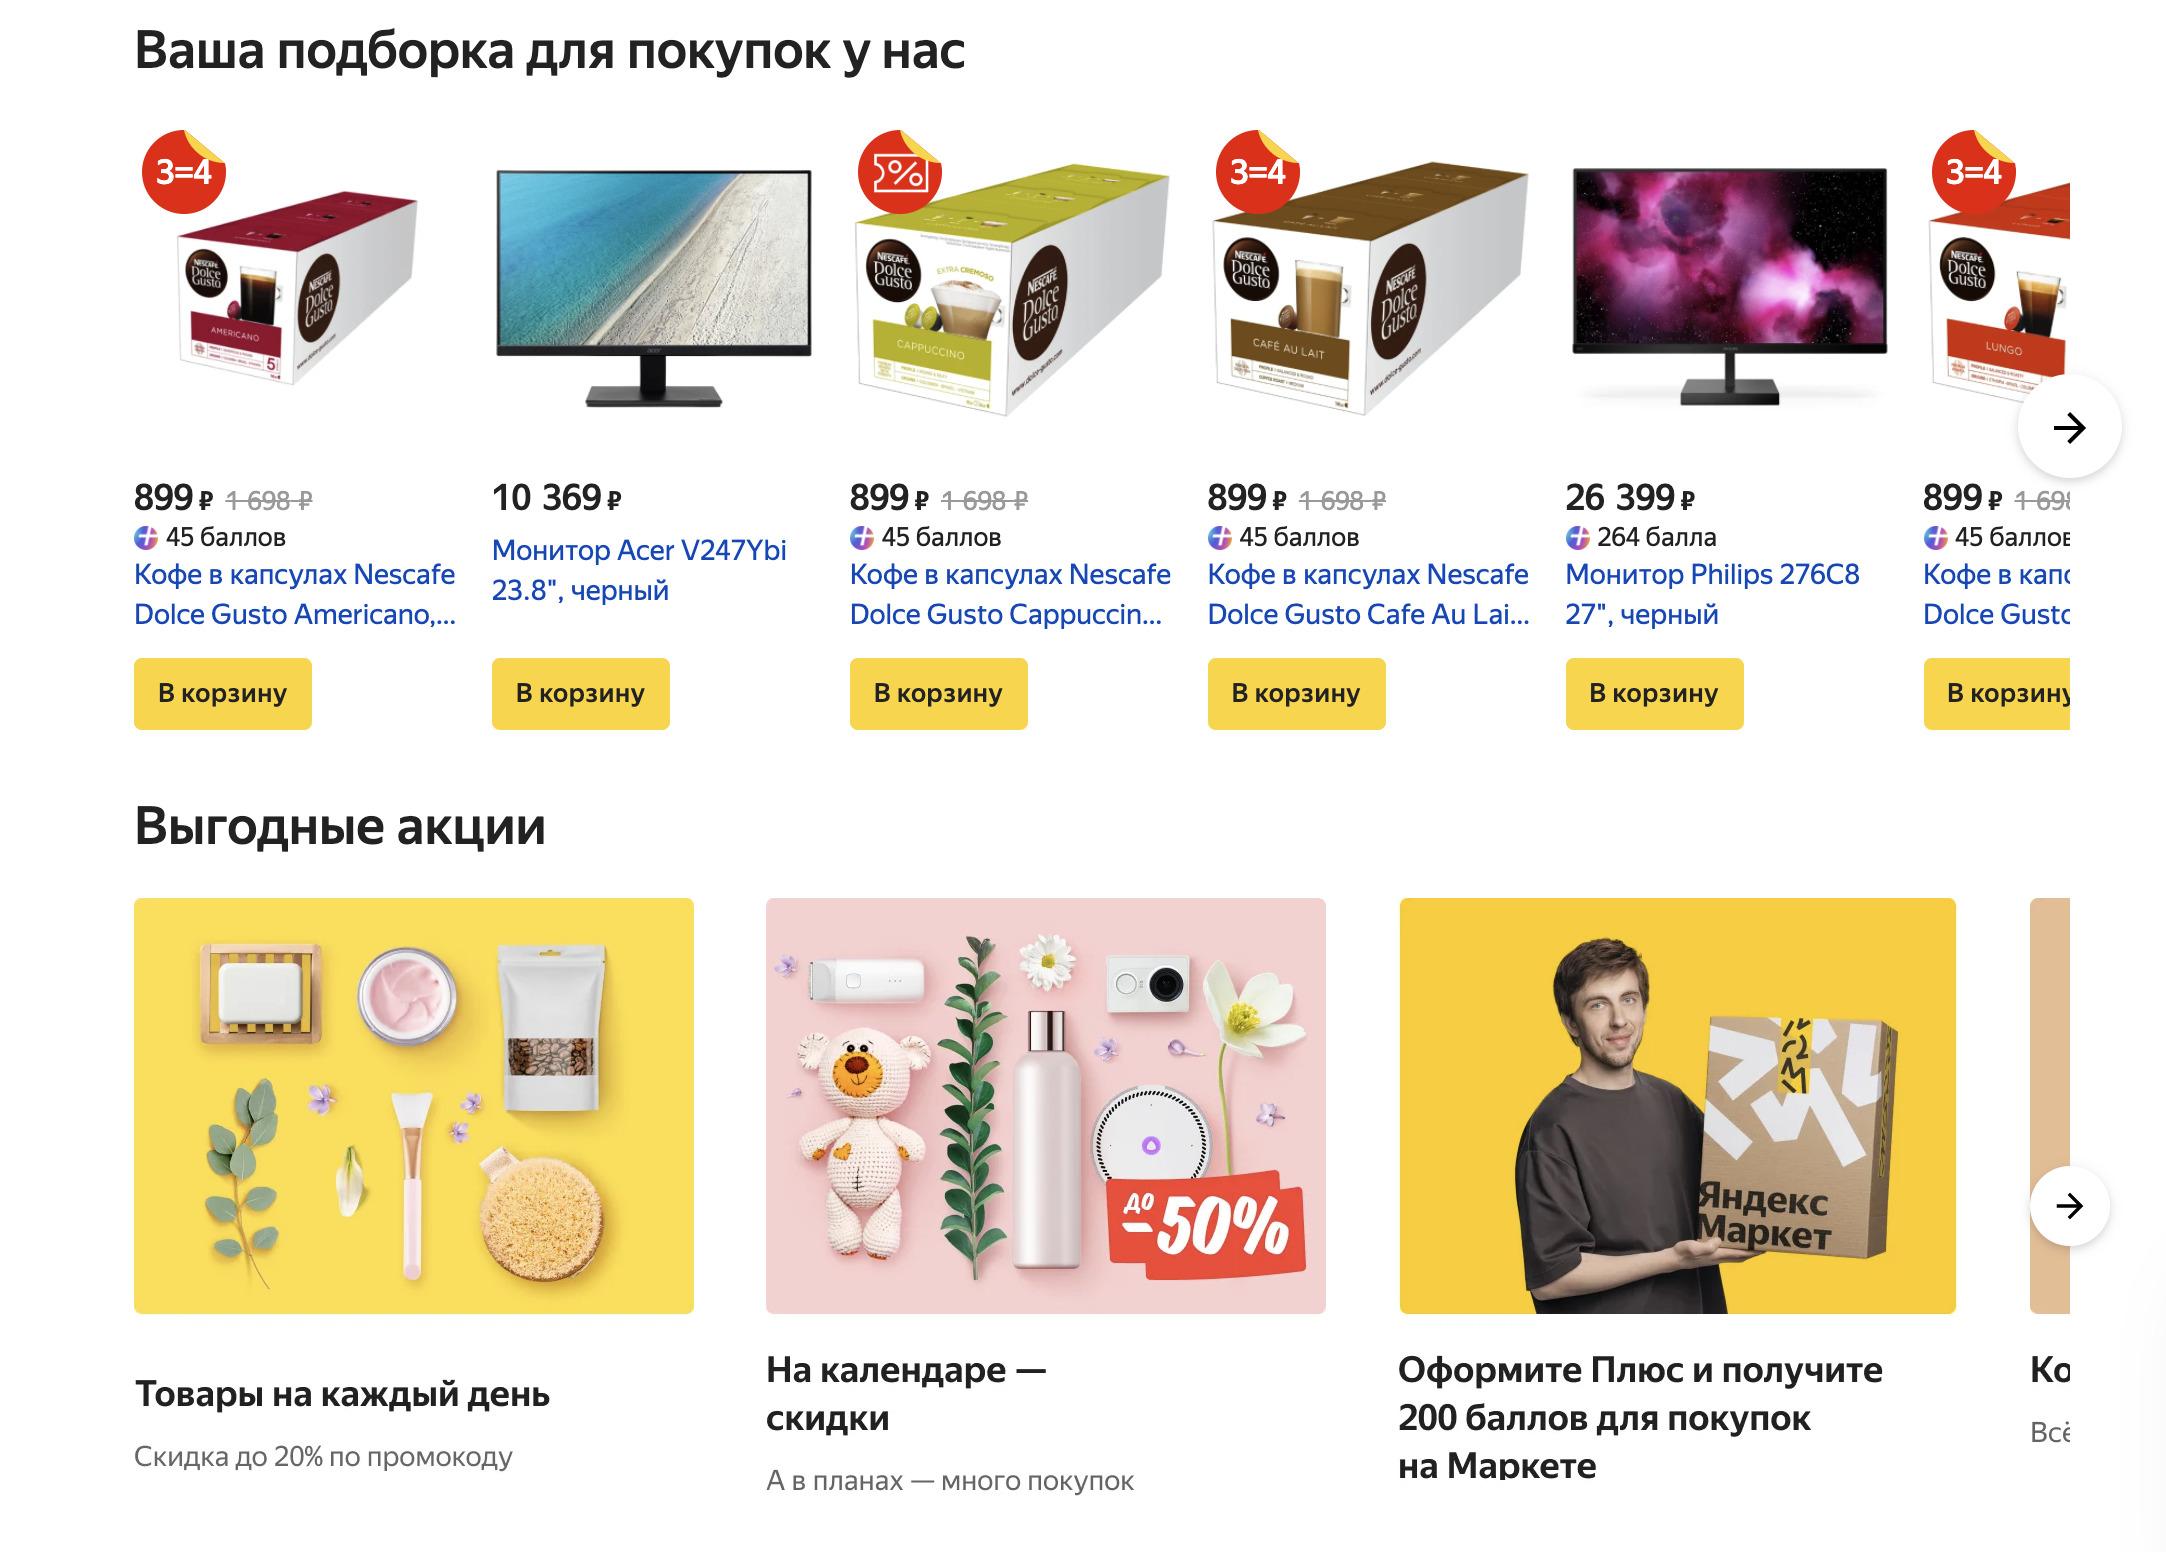 Доставка из Яндекс.Маркет в Липецк, сроки, пункты выдачи, каталог